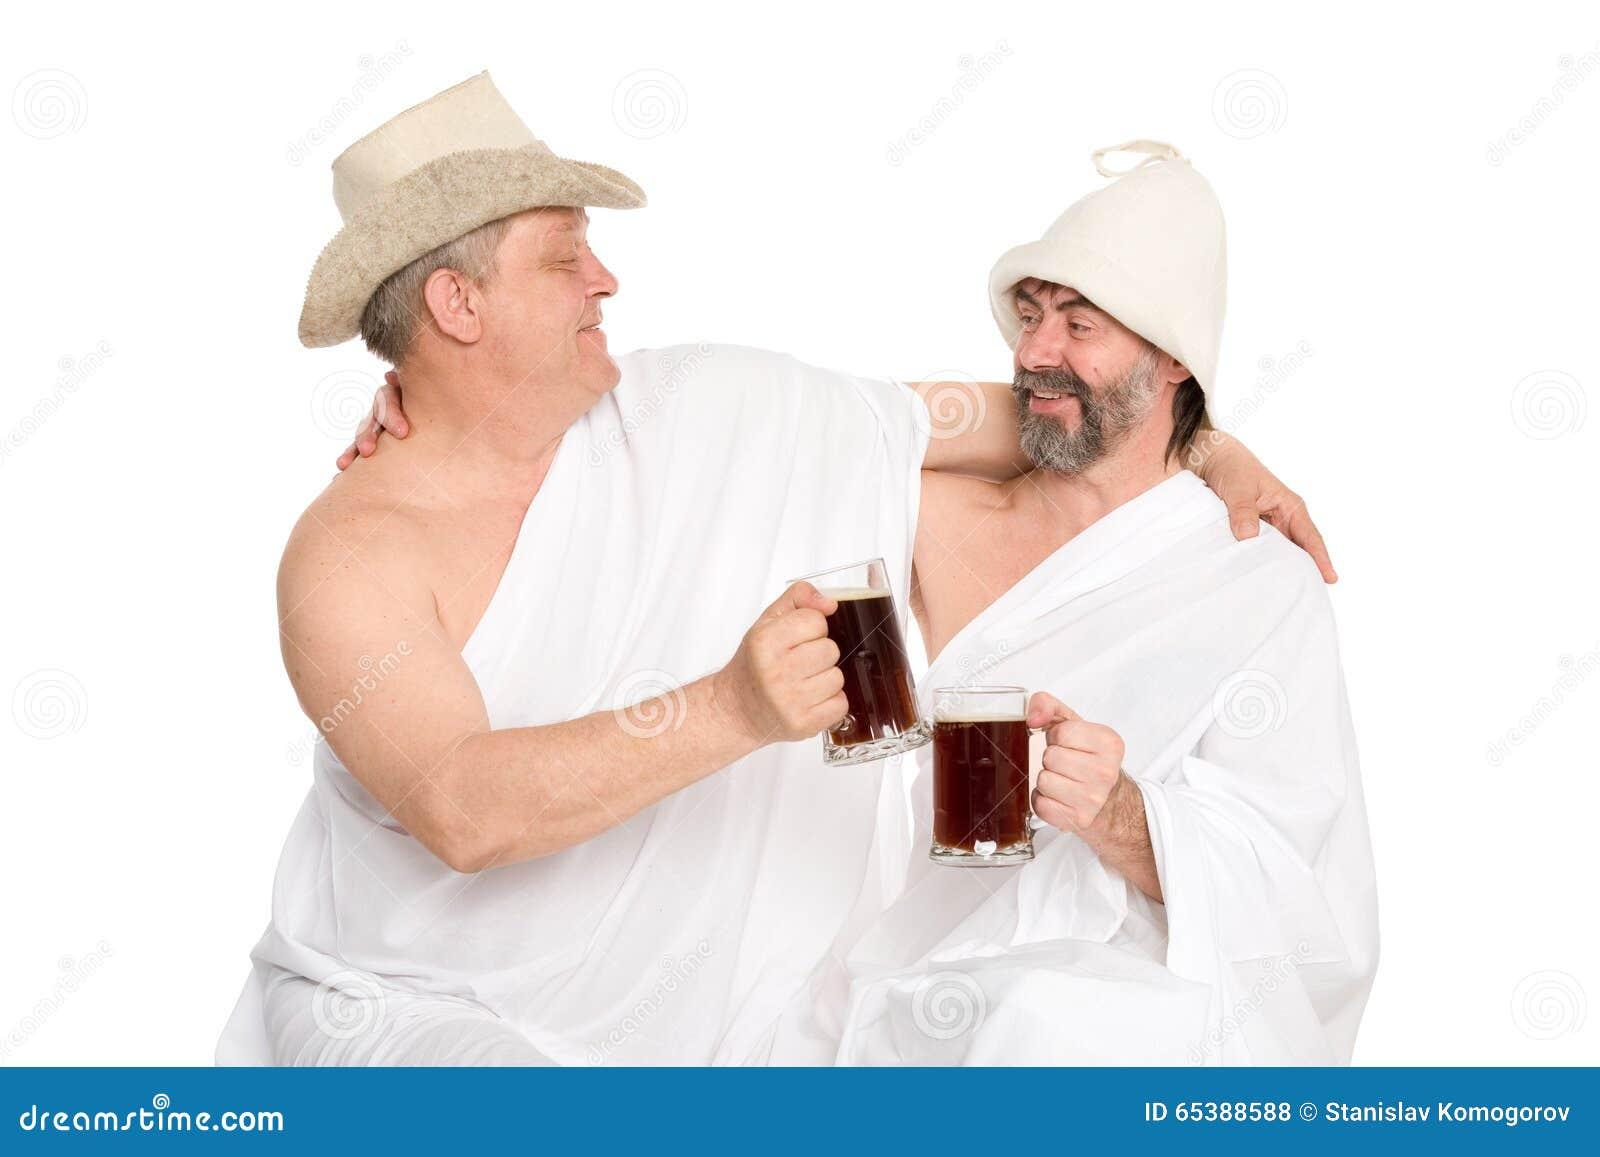 Люди в традиционных kvas питья купая костюмов